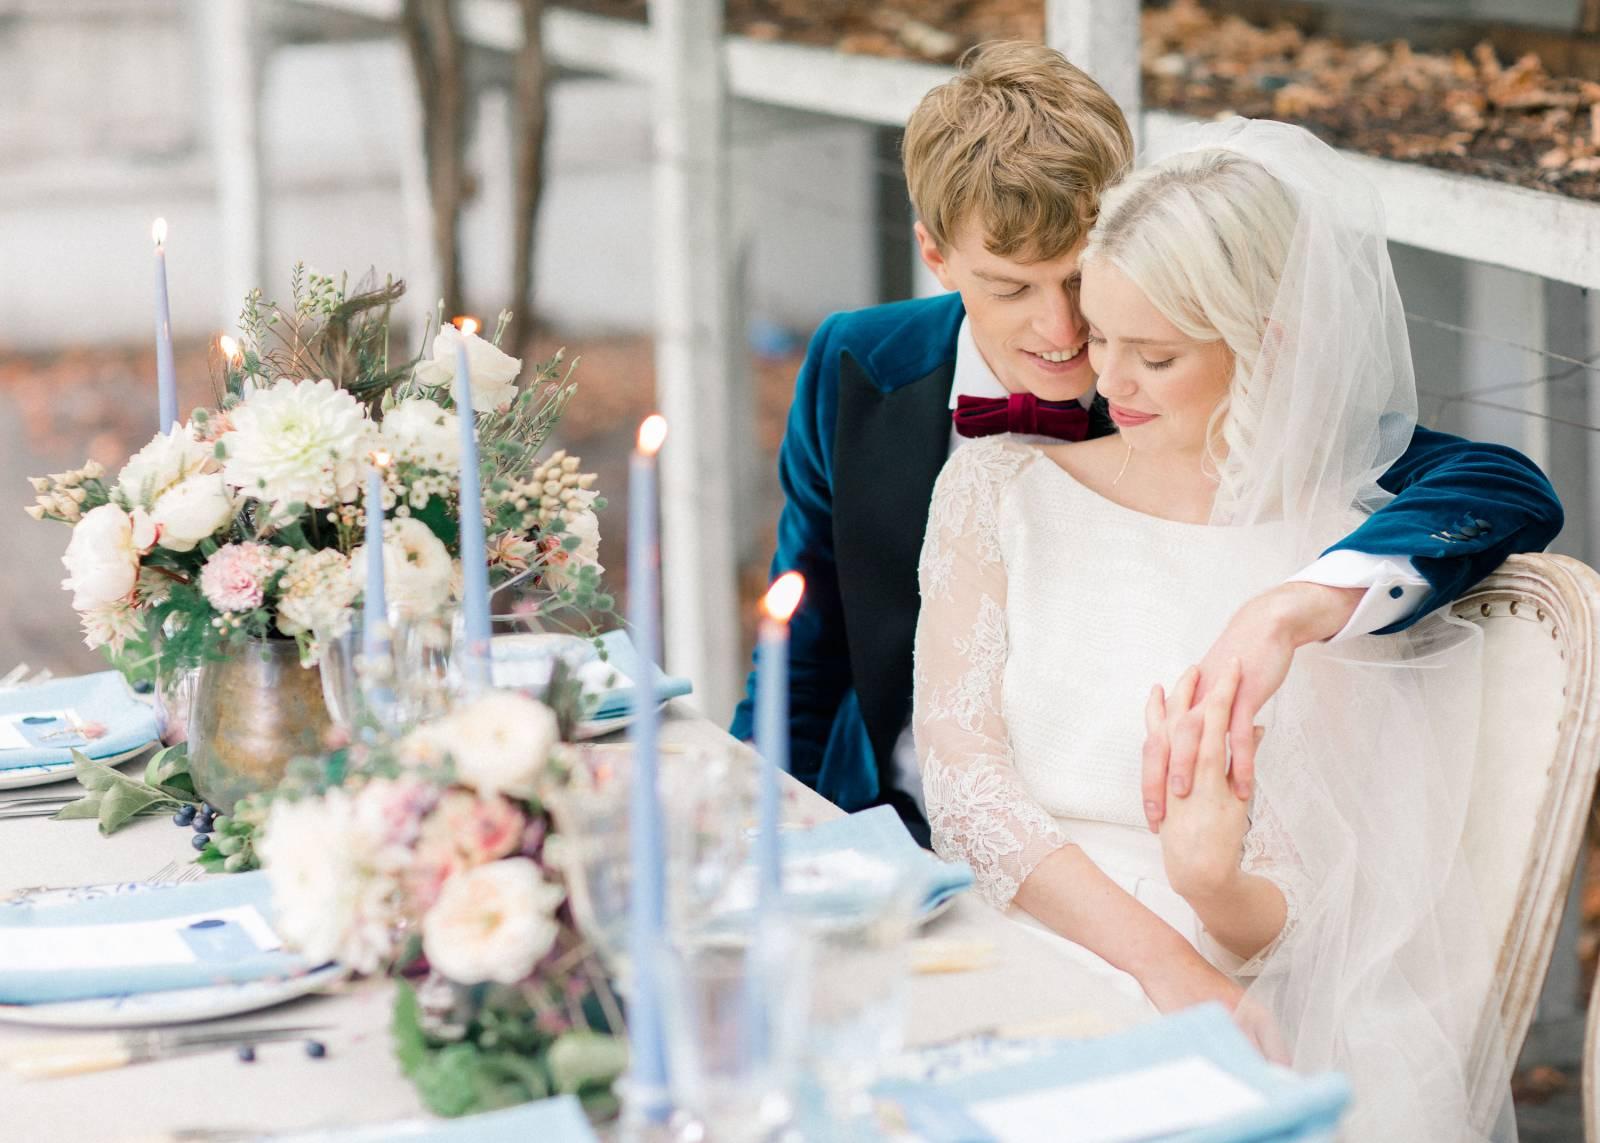 VIVA Blooming - beau6 - House of Weddings